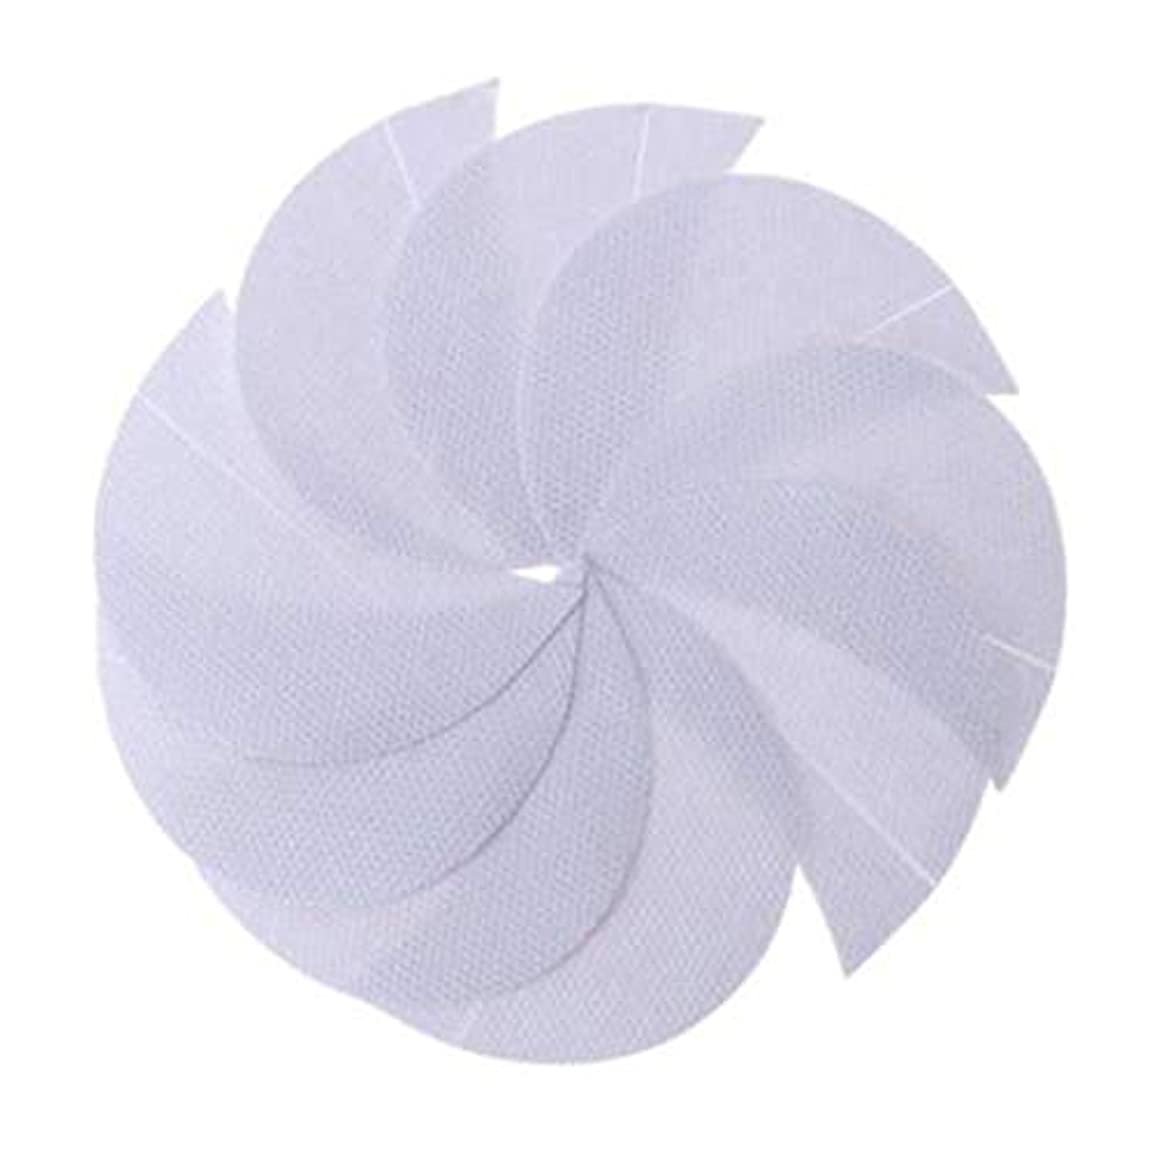 Rabugogo 100個/袋不織布アイシャドーシールドアイシャドージェルパッドパッチアイシャドーステンシル防止まつげエクステ化粧品残留物